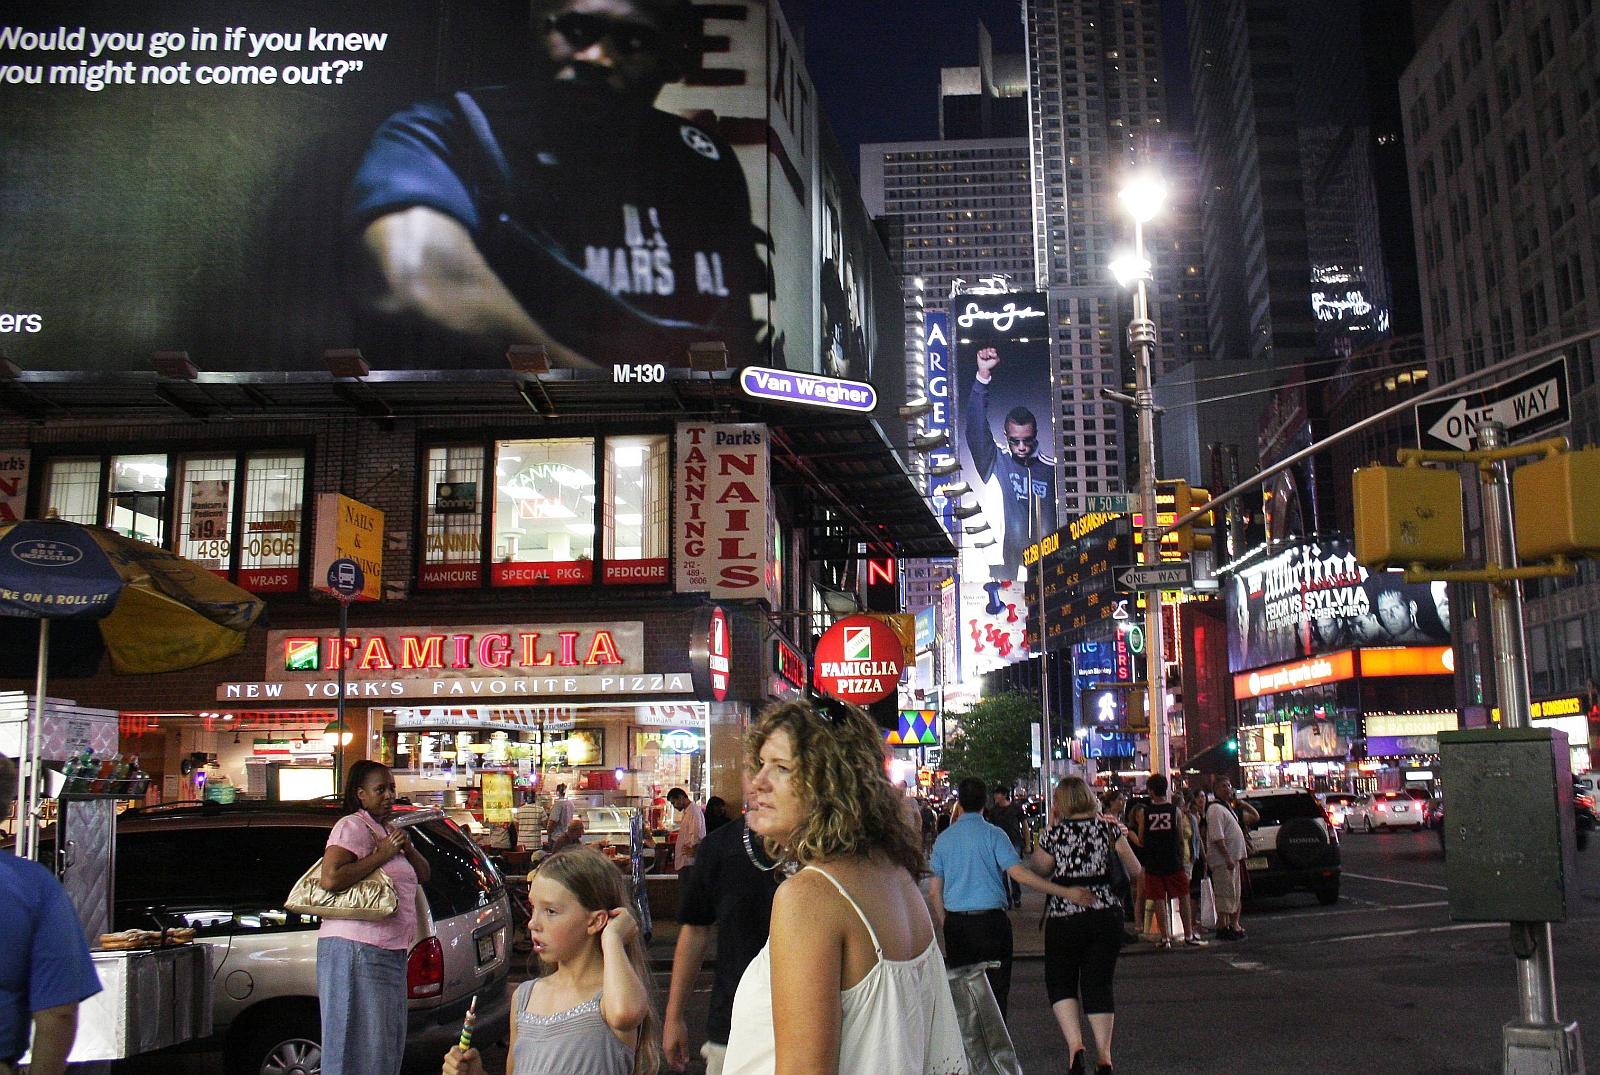 y29.06.2008 USA , NOWY JORK , MANHATTAN , PLAC TIMES SQUARE NOCA , REKLAMY , NEONYFOT. FRANCISZEK MAZUR / AGENCJA GAZETA